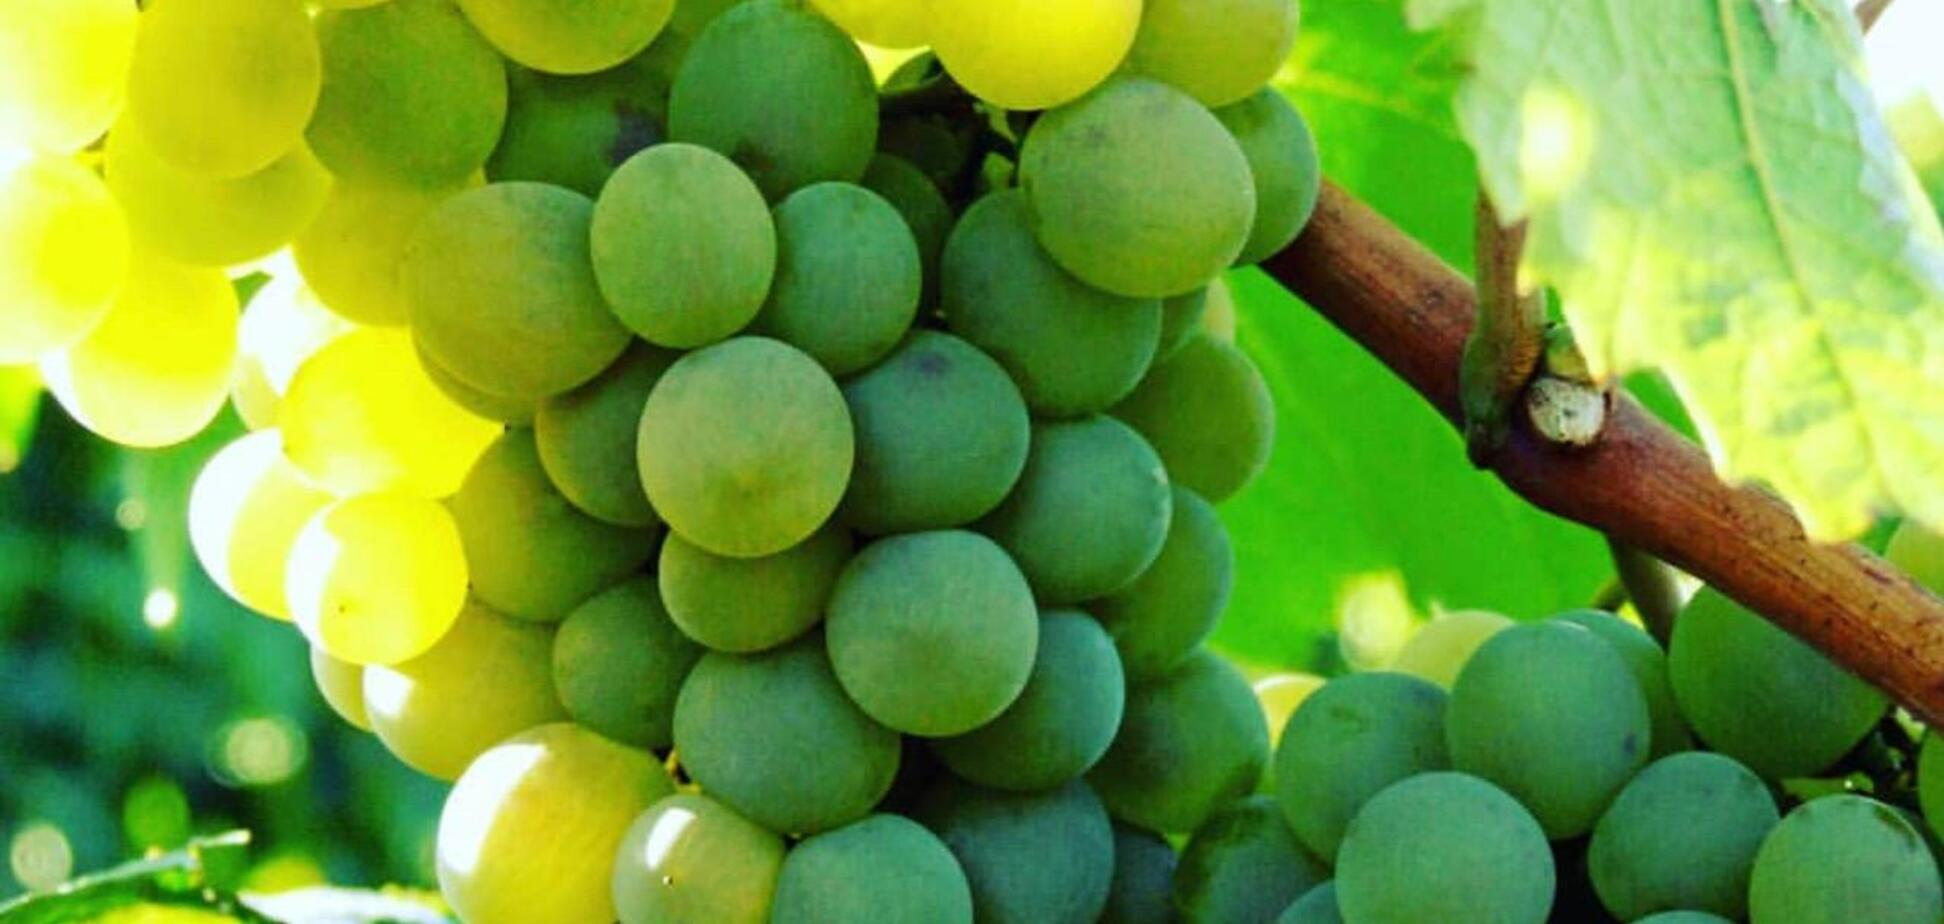 Ручна обробка лози і збір винограду - 'Таврія' змінює модель виноградарства